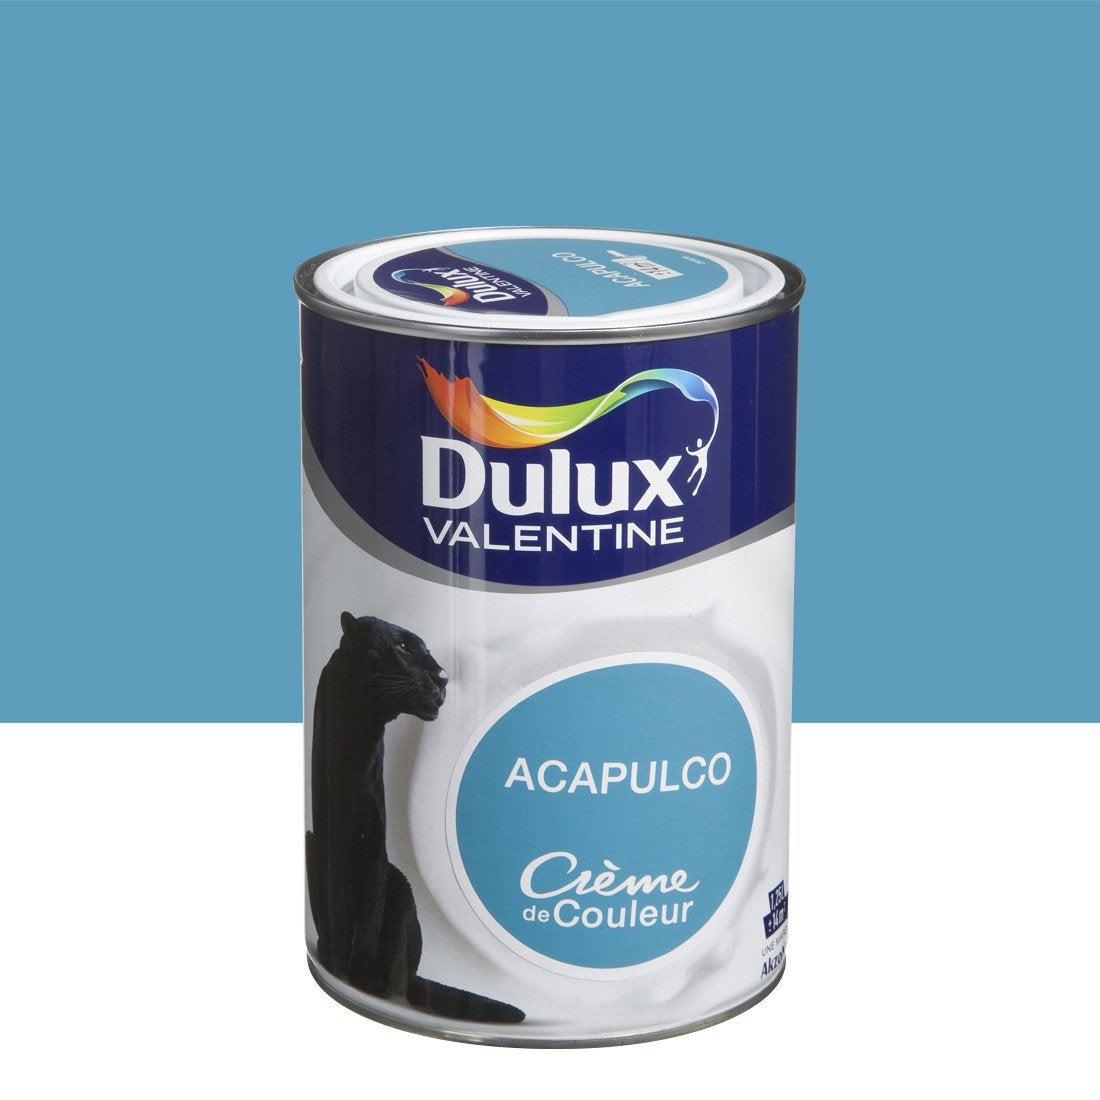 peinture bleu acapulco dulux valentine cr me de couleur l leroy merlin. Black Bedroom Furniture Sets. Home Design Ideas